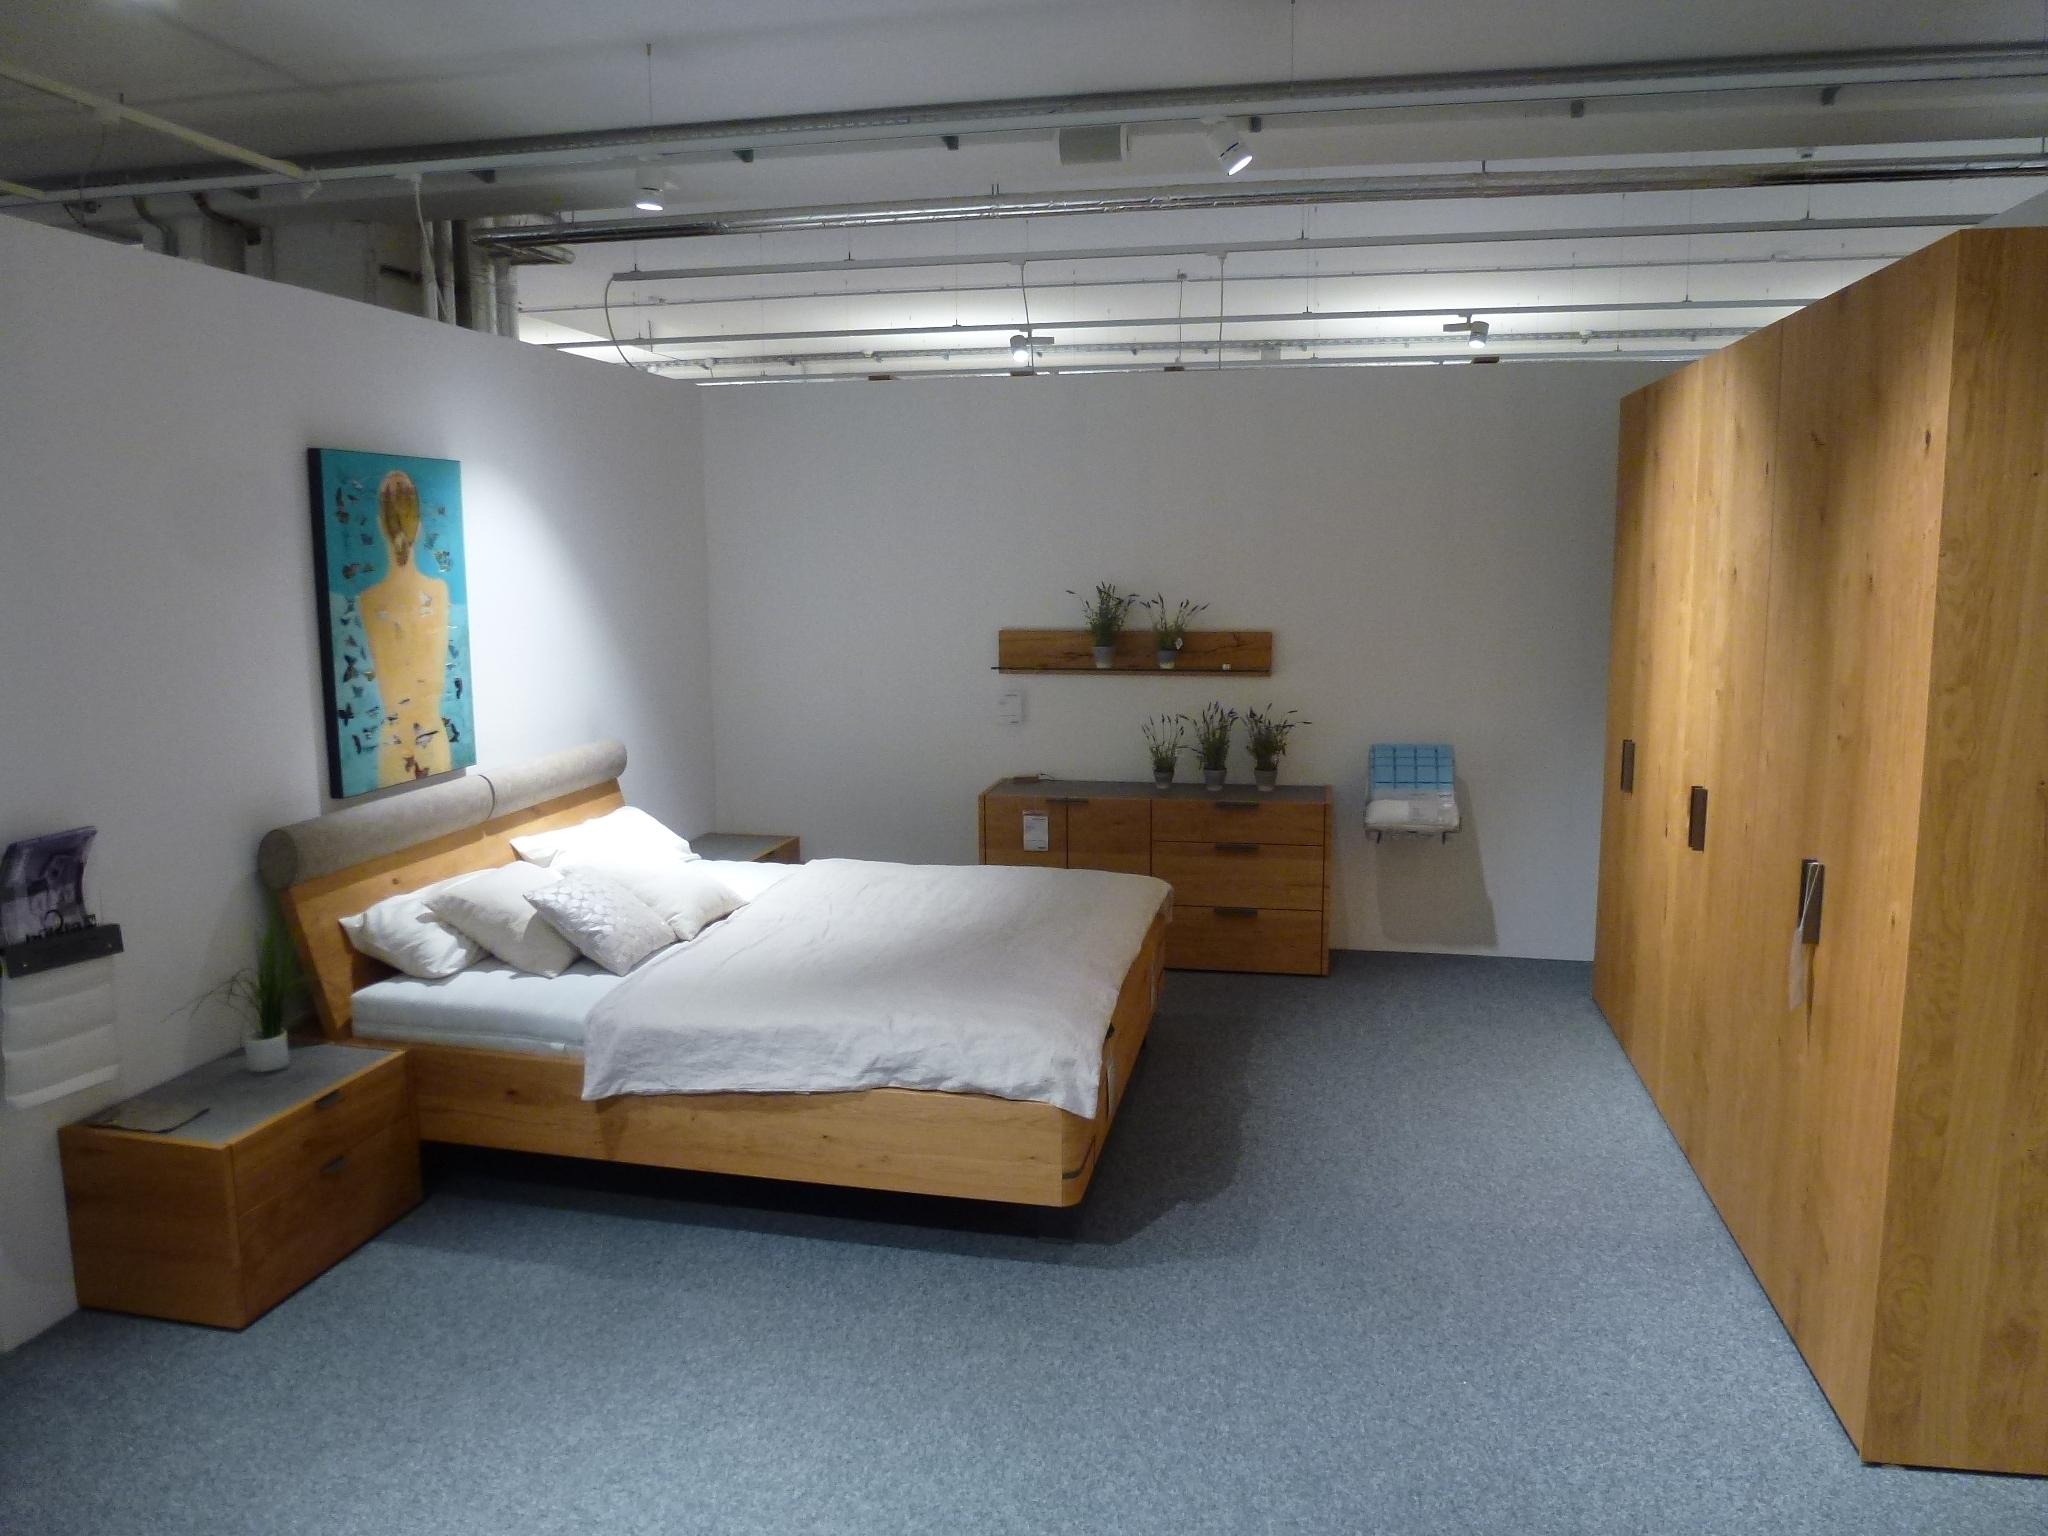 Schlafzimmer Fena Hülsta - 6.190,00 - Ottensmeyer wohndesign - das ...